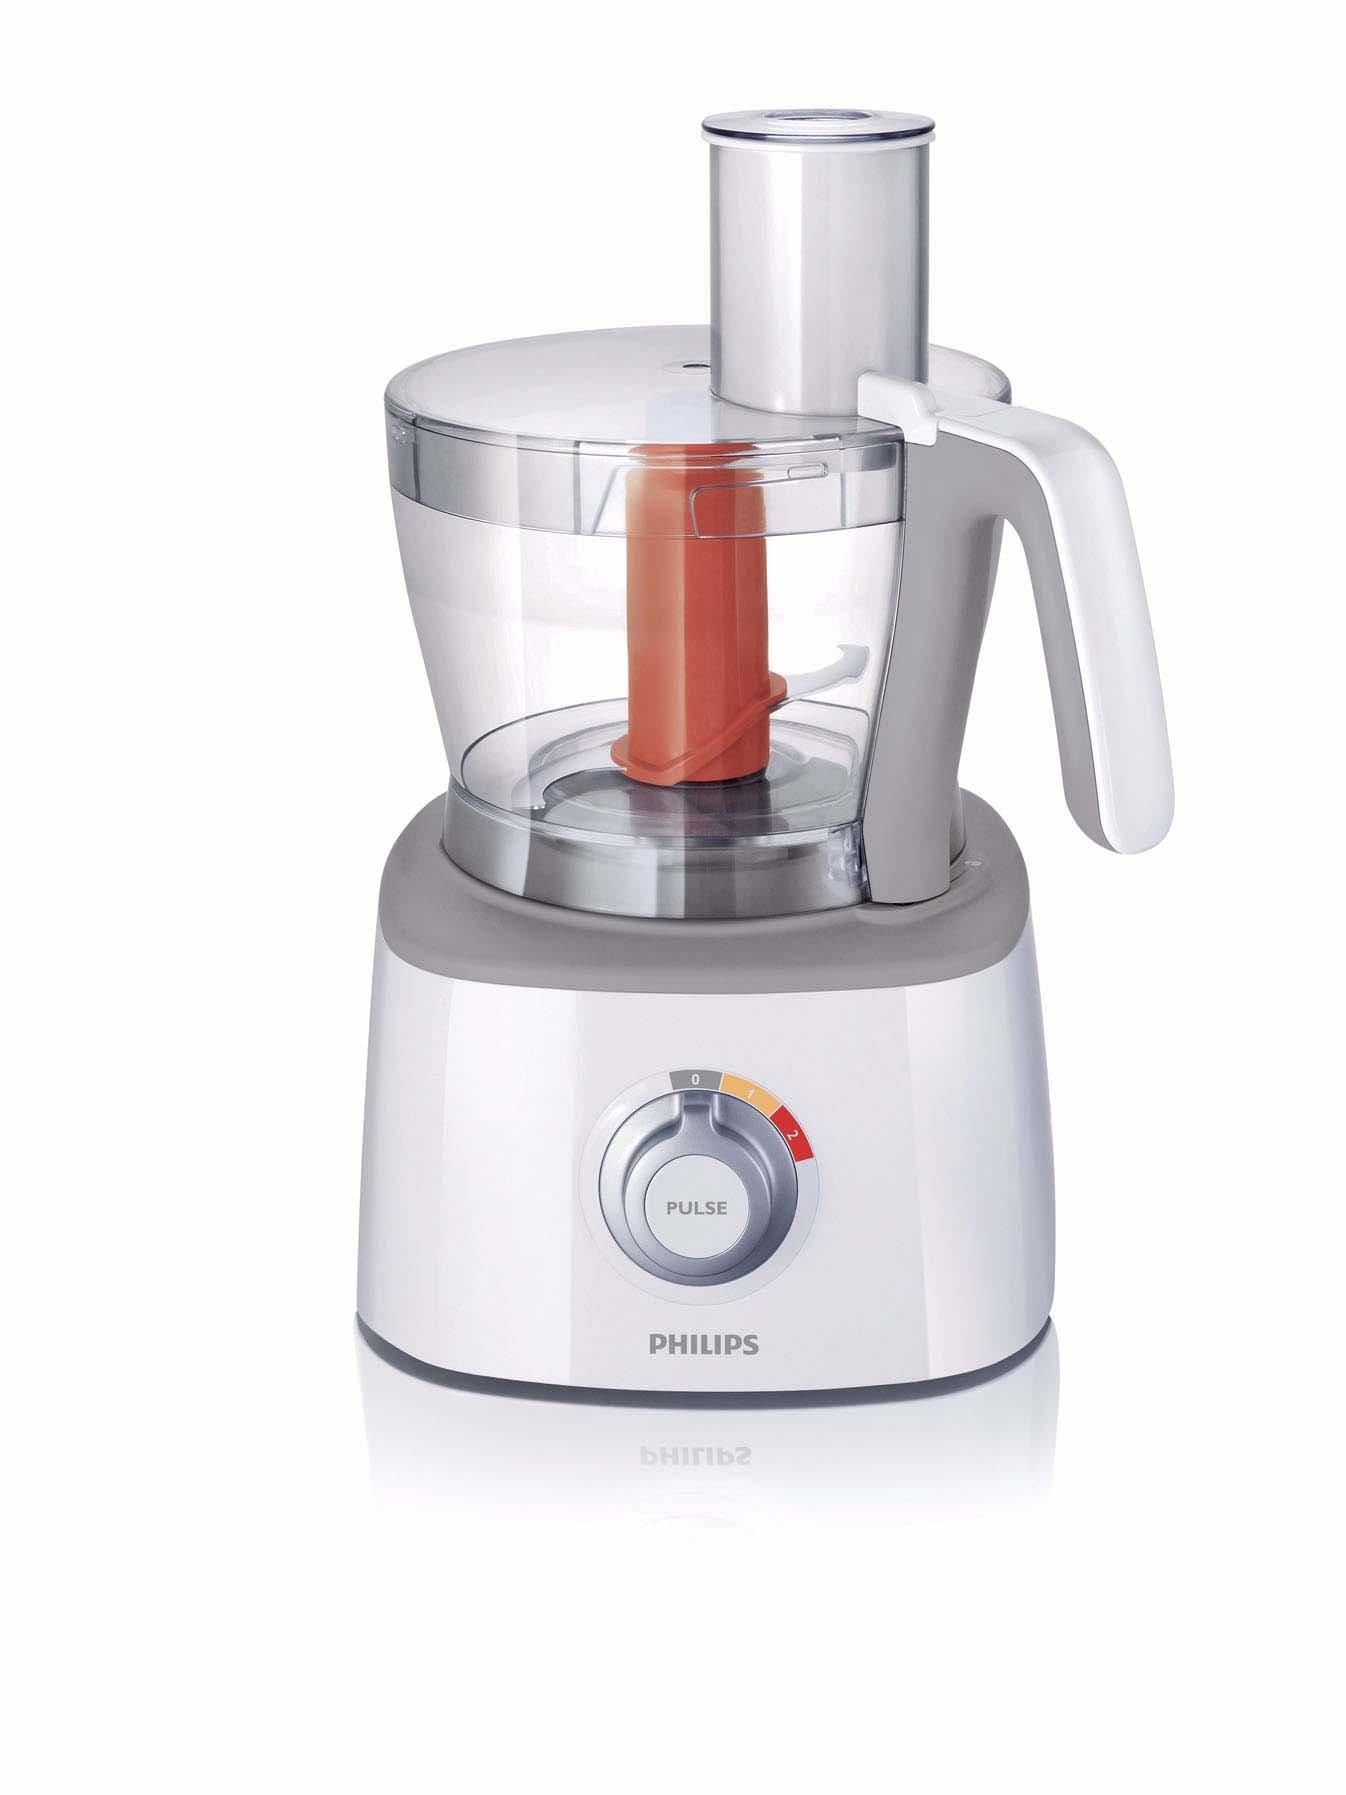 Philips HR7771 Food processor, 50-60 Hz, 220-240 V, 1.2 m - Robot de cocina: Amazon.es: Hogar